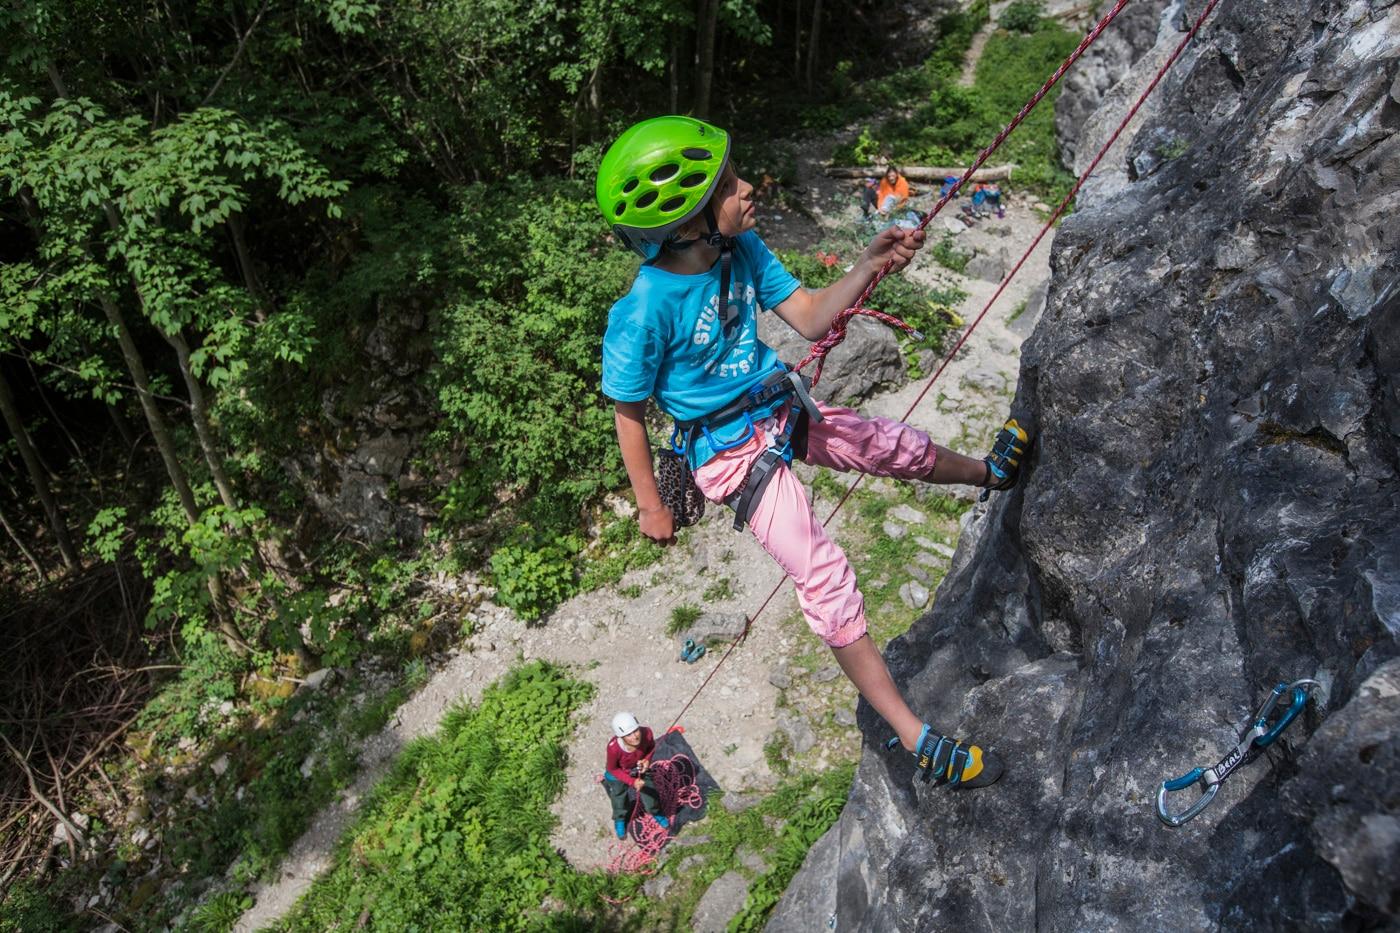 Kletterausrüstung In Der Nähe : Klettern mit kindern die besten tipps bergwelten